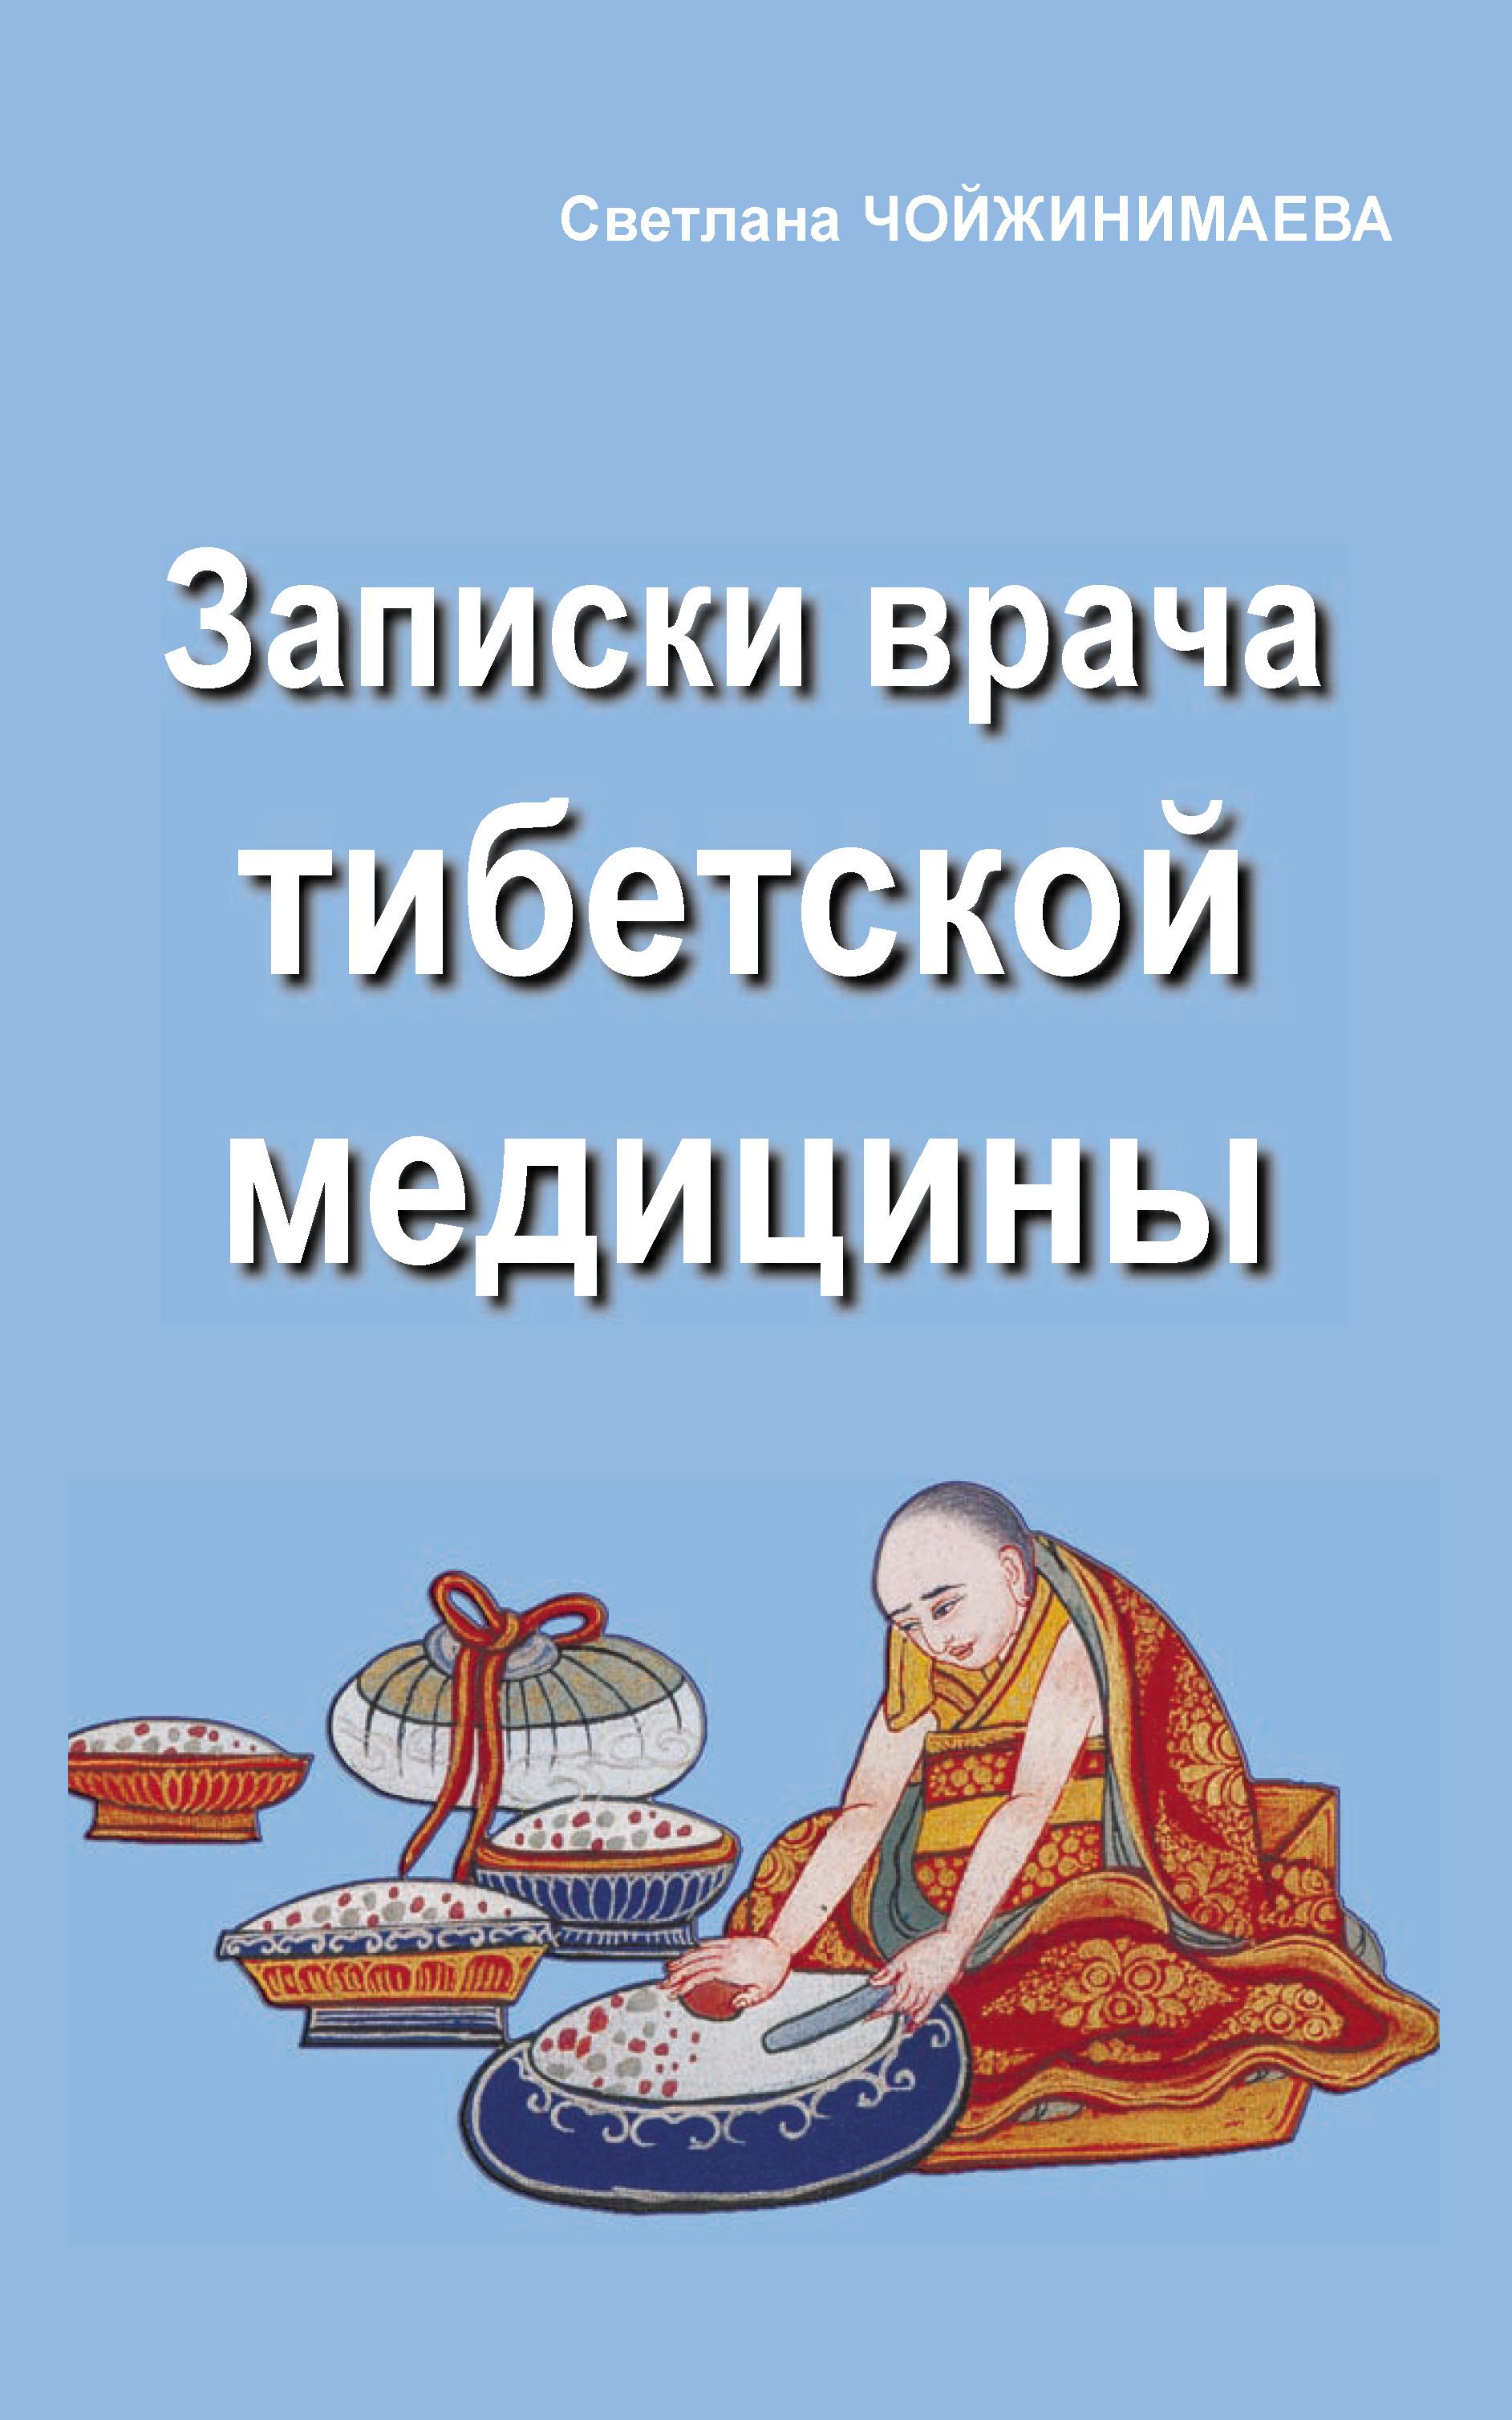 Светлана Чойжинимаева «Записки врача тибетской медицины»